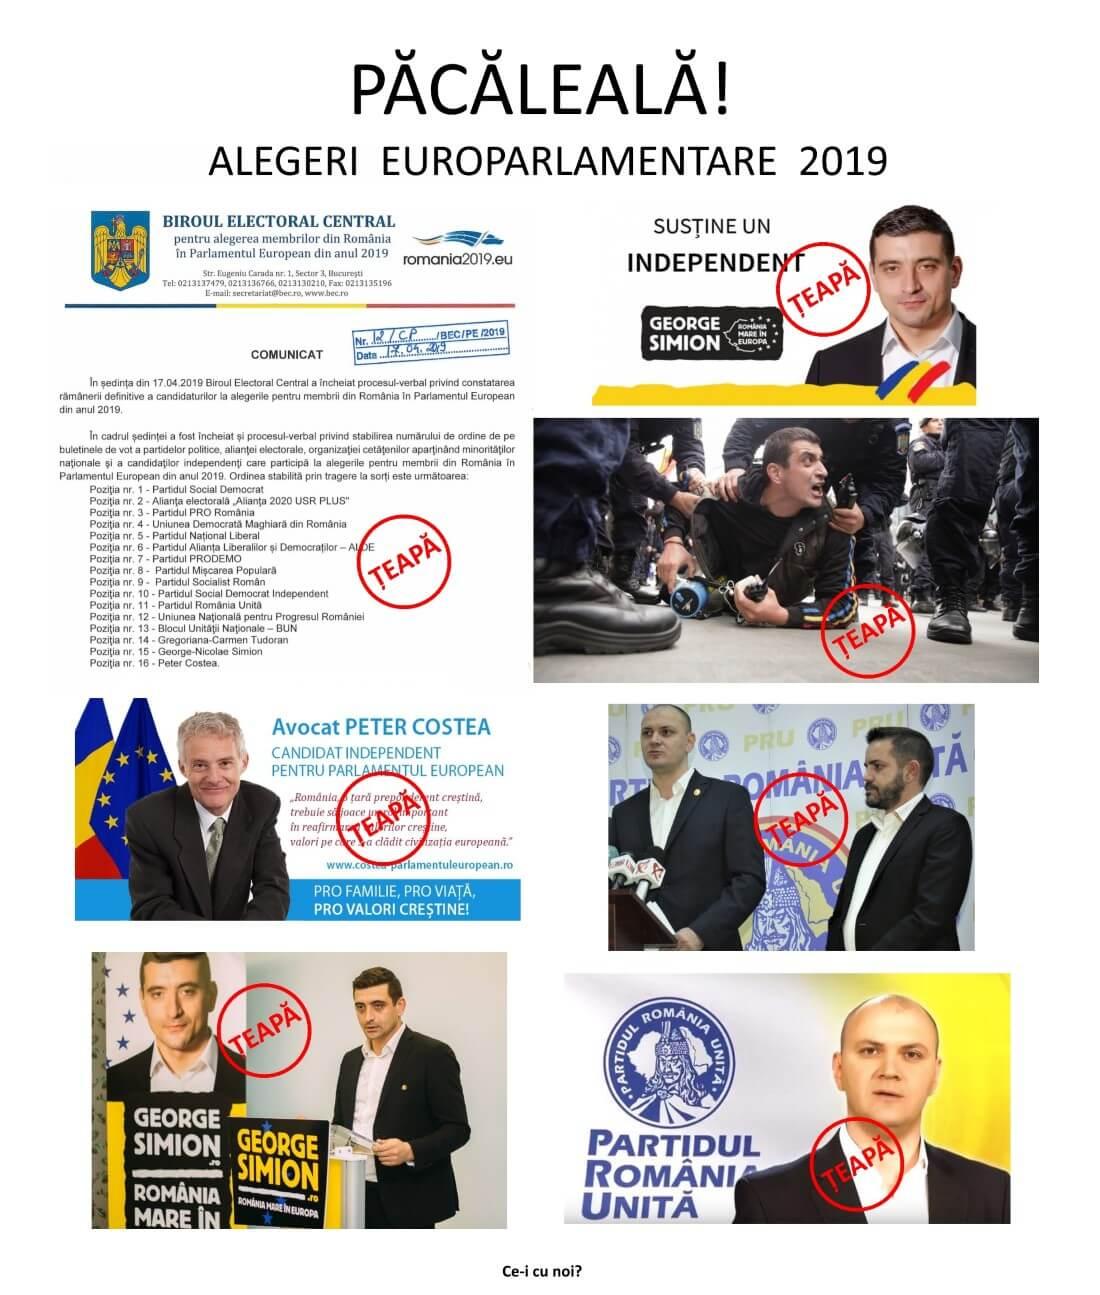 alegeri-europarlamentare-pacaleala-george-simion-pru-partidul-romania-unita-peter-costea-ceicunoi